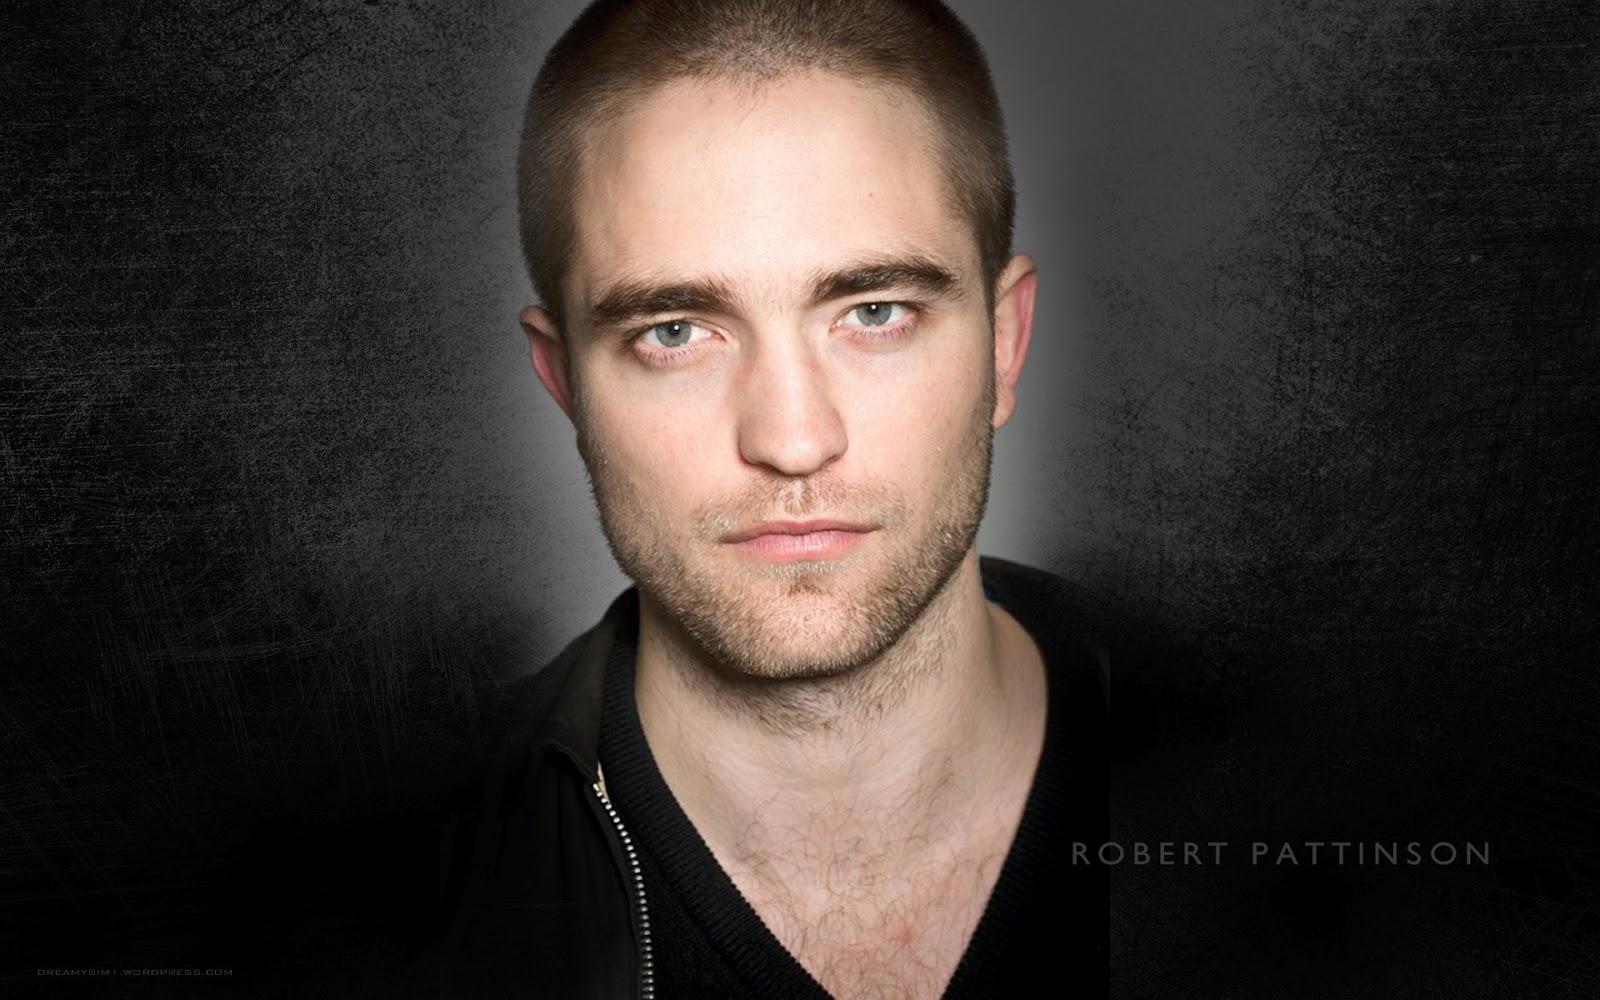 http://3.bp.blogspot.com/-5u_YltnyGJo/T6I_WEoBuPI/AAAAAAAAG88/W3Lt1IyyhF4/s1600/Robert-Pattinson+%5BDesktopNexus.com%5D.jpg